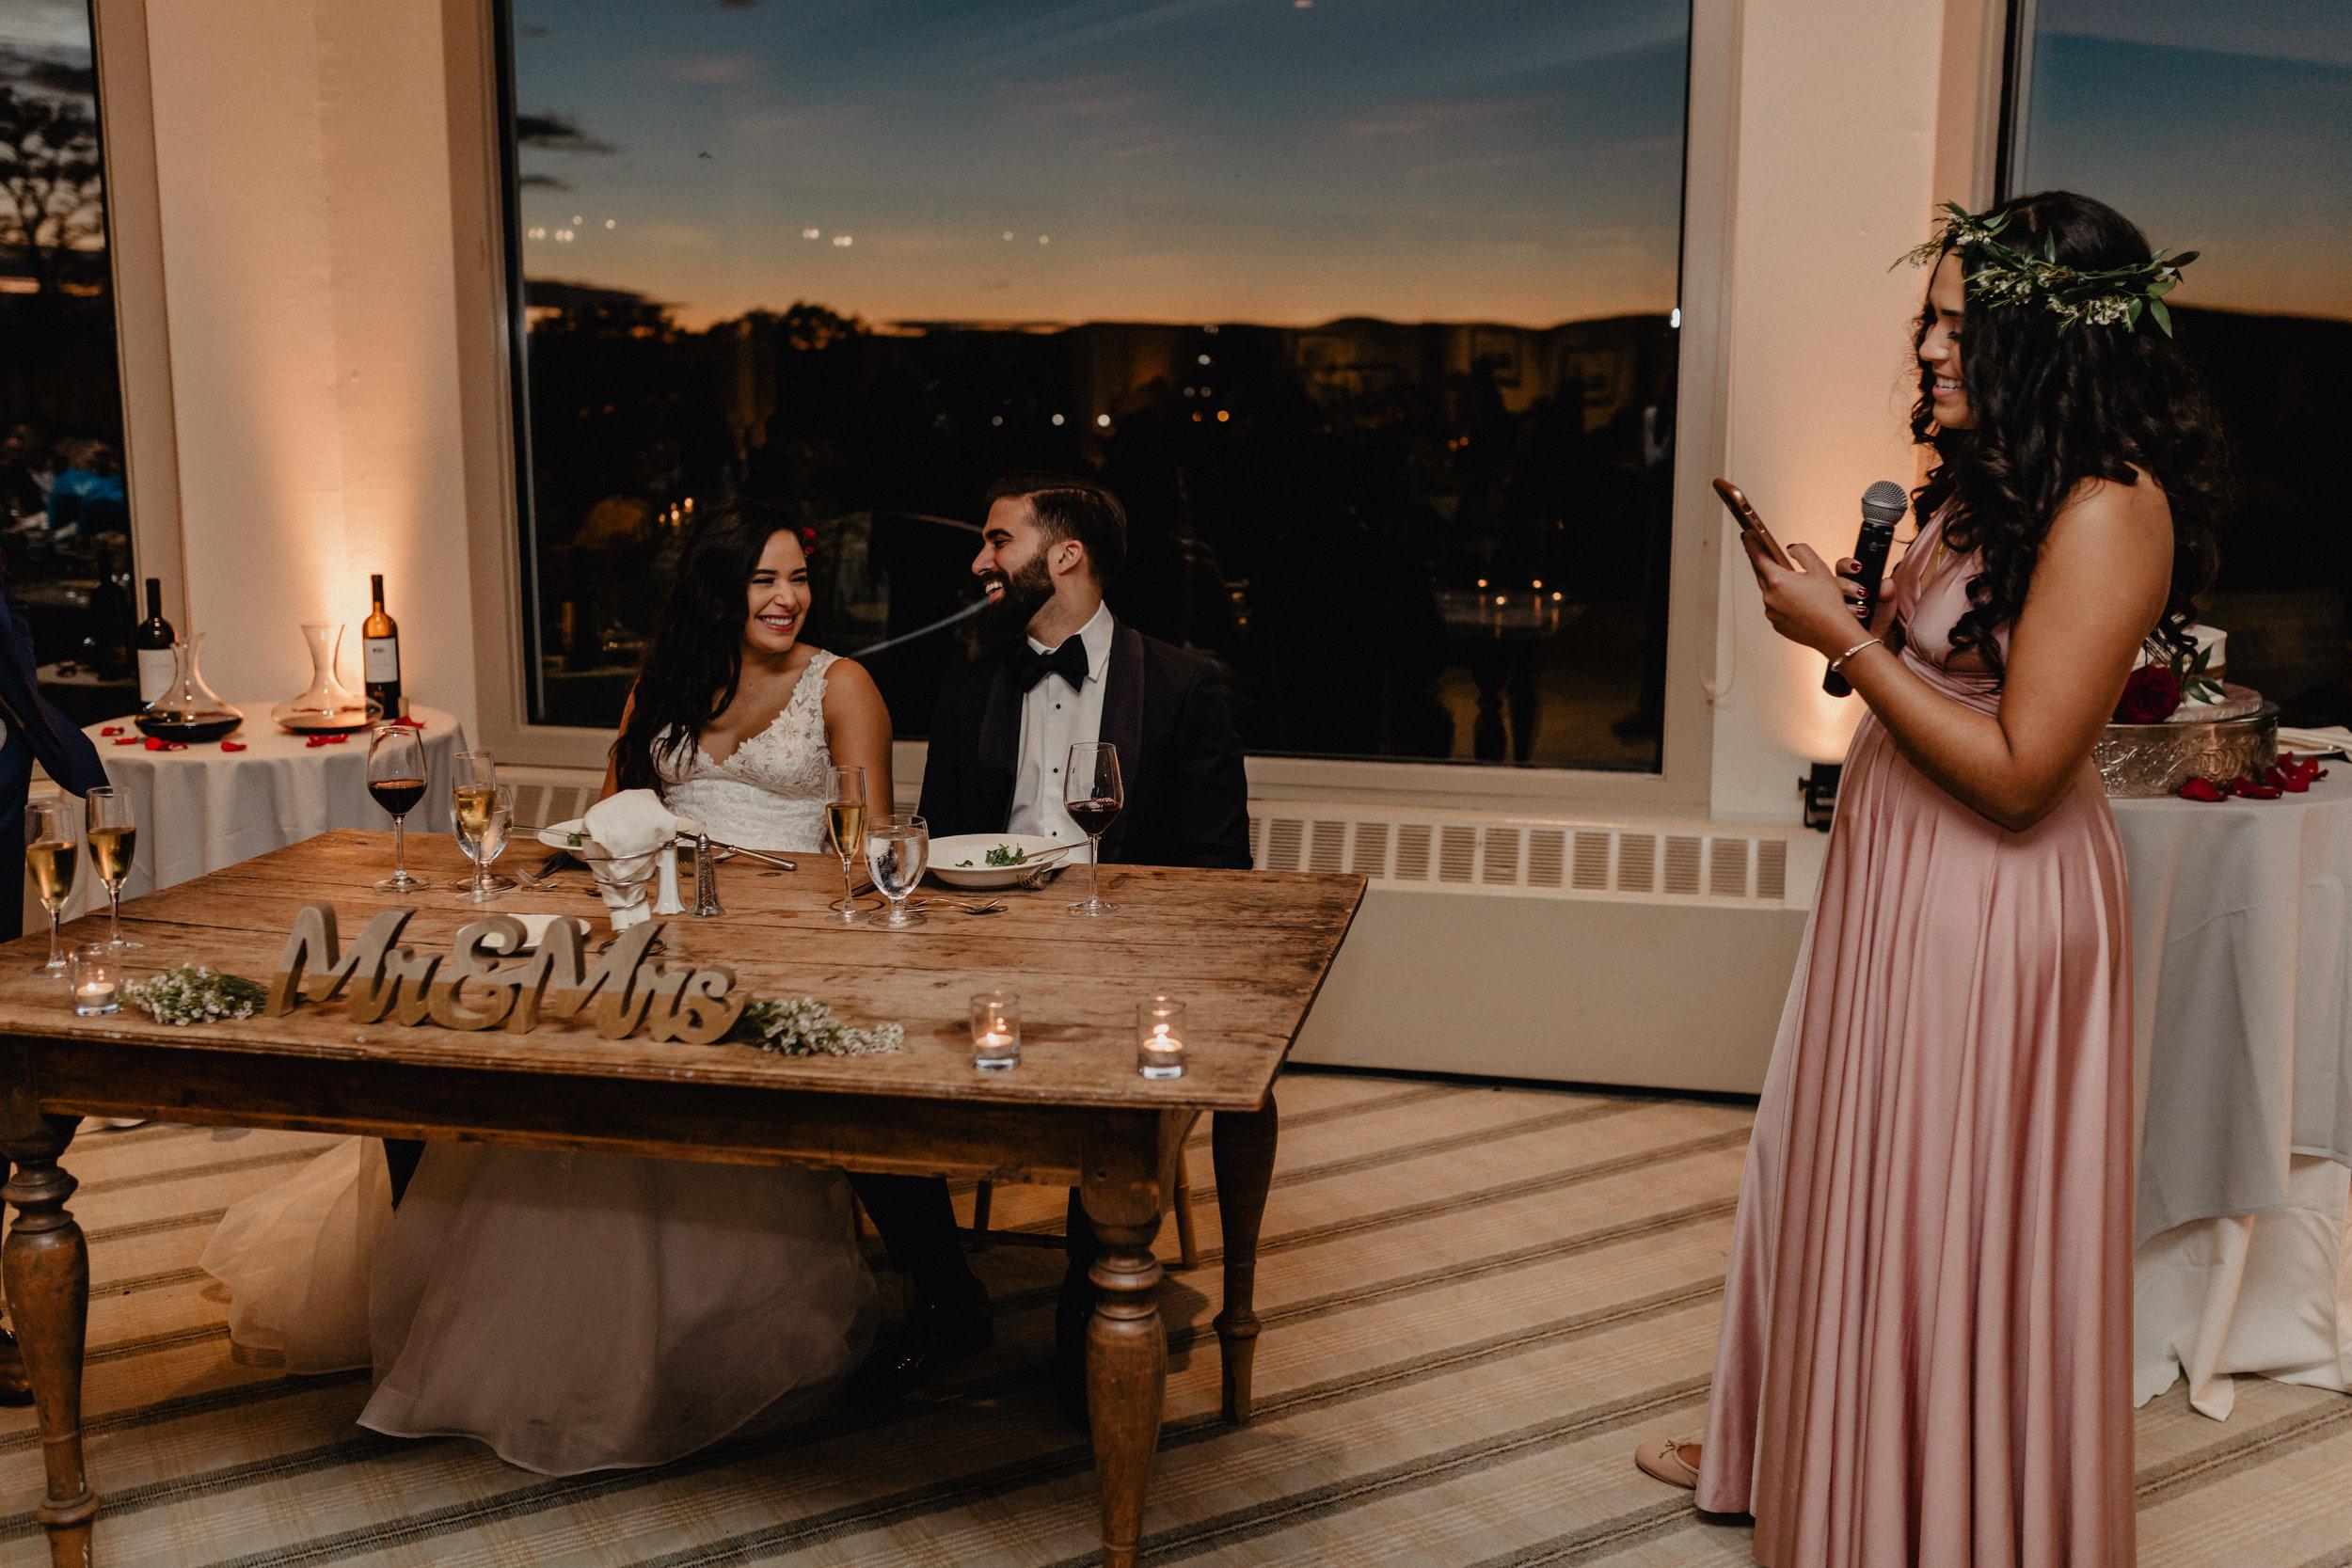 garrison_wedding_photos_088.jpg